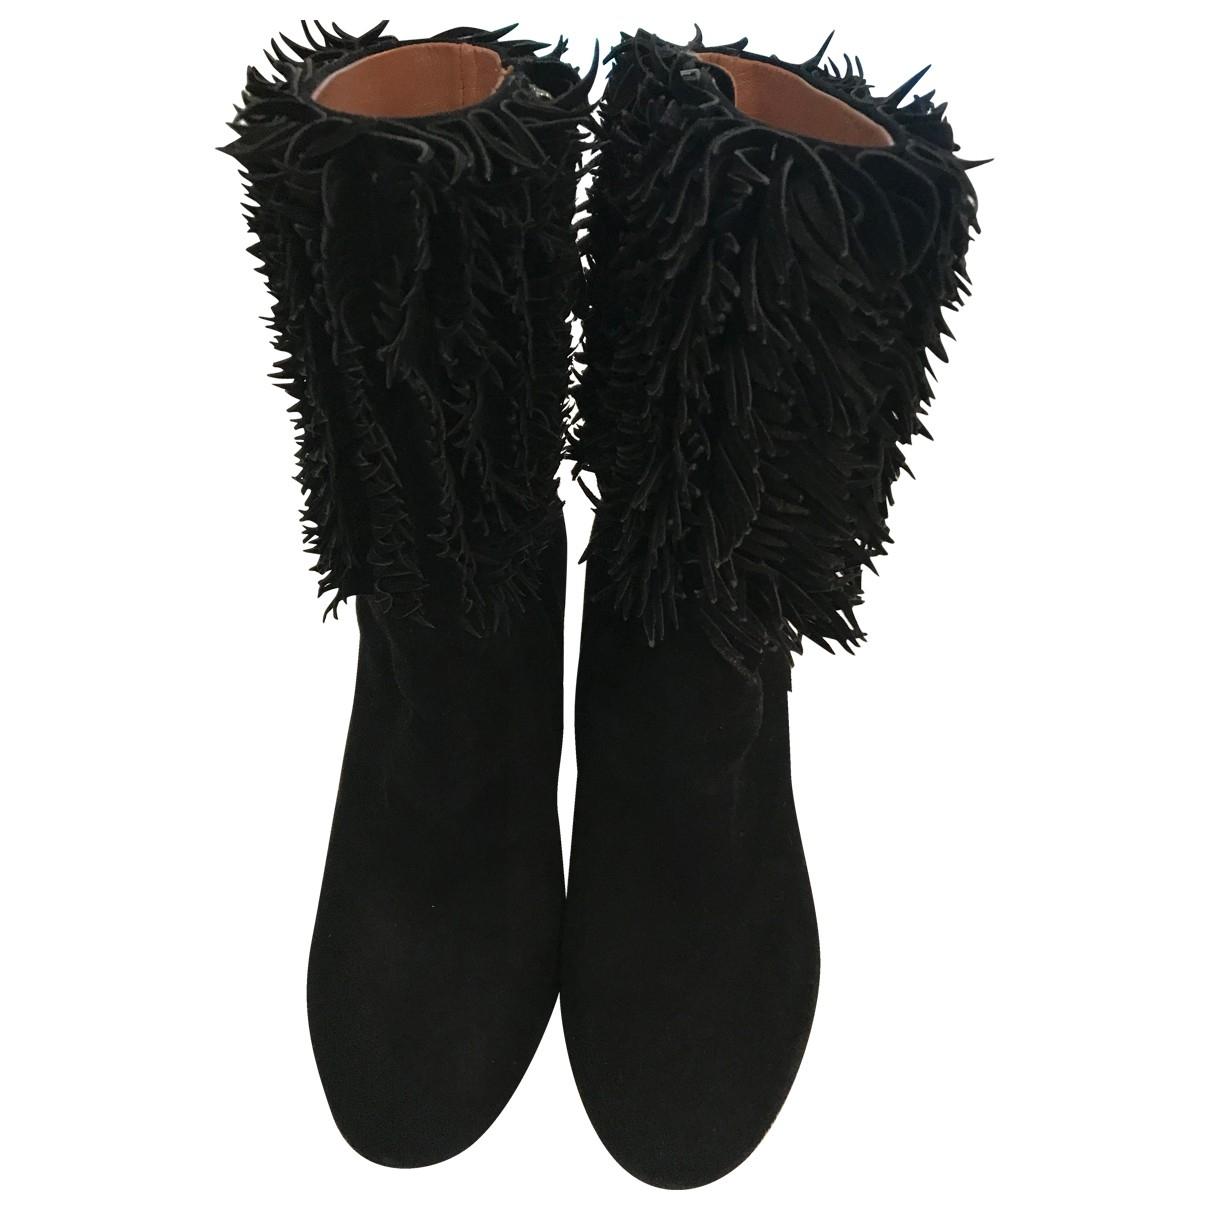 Alaia - Boots   pour femme en suede - noir